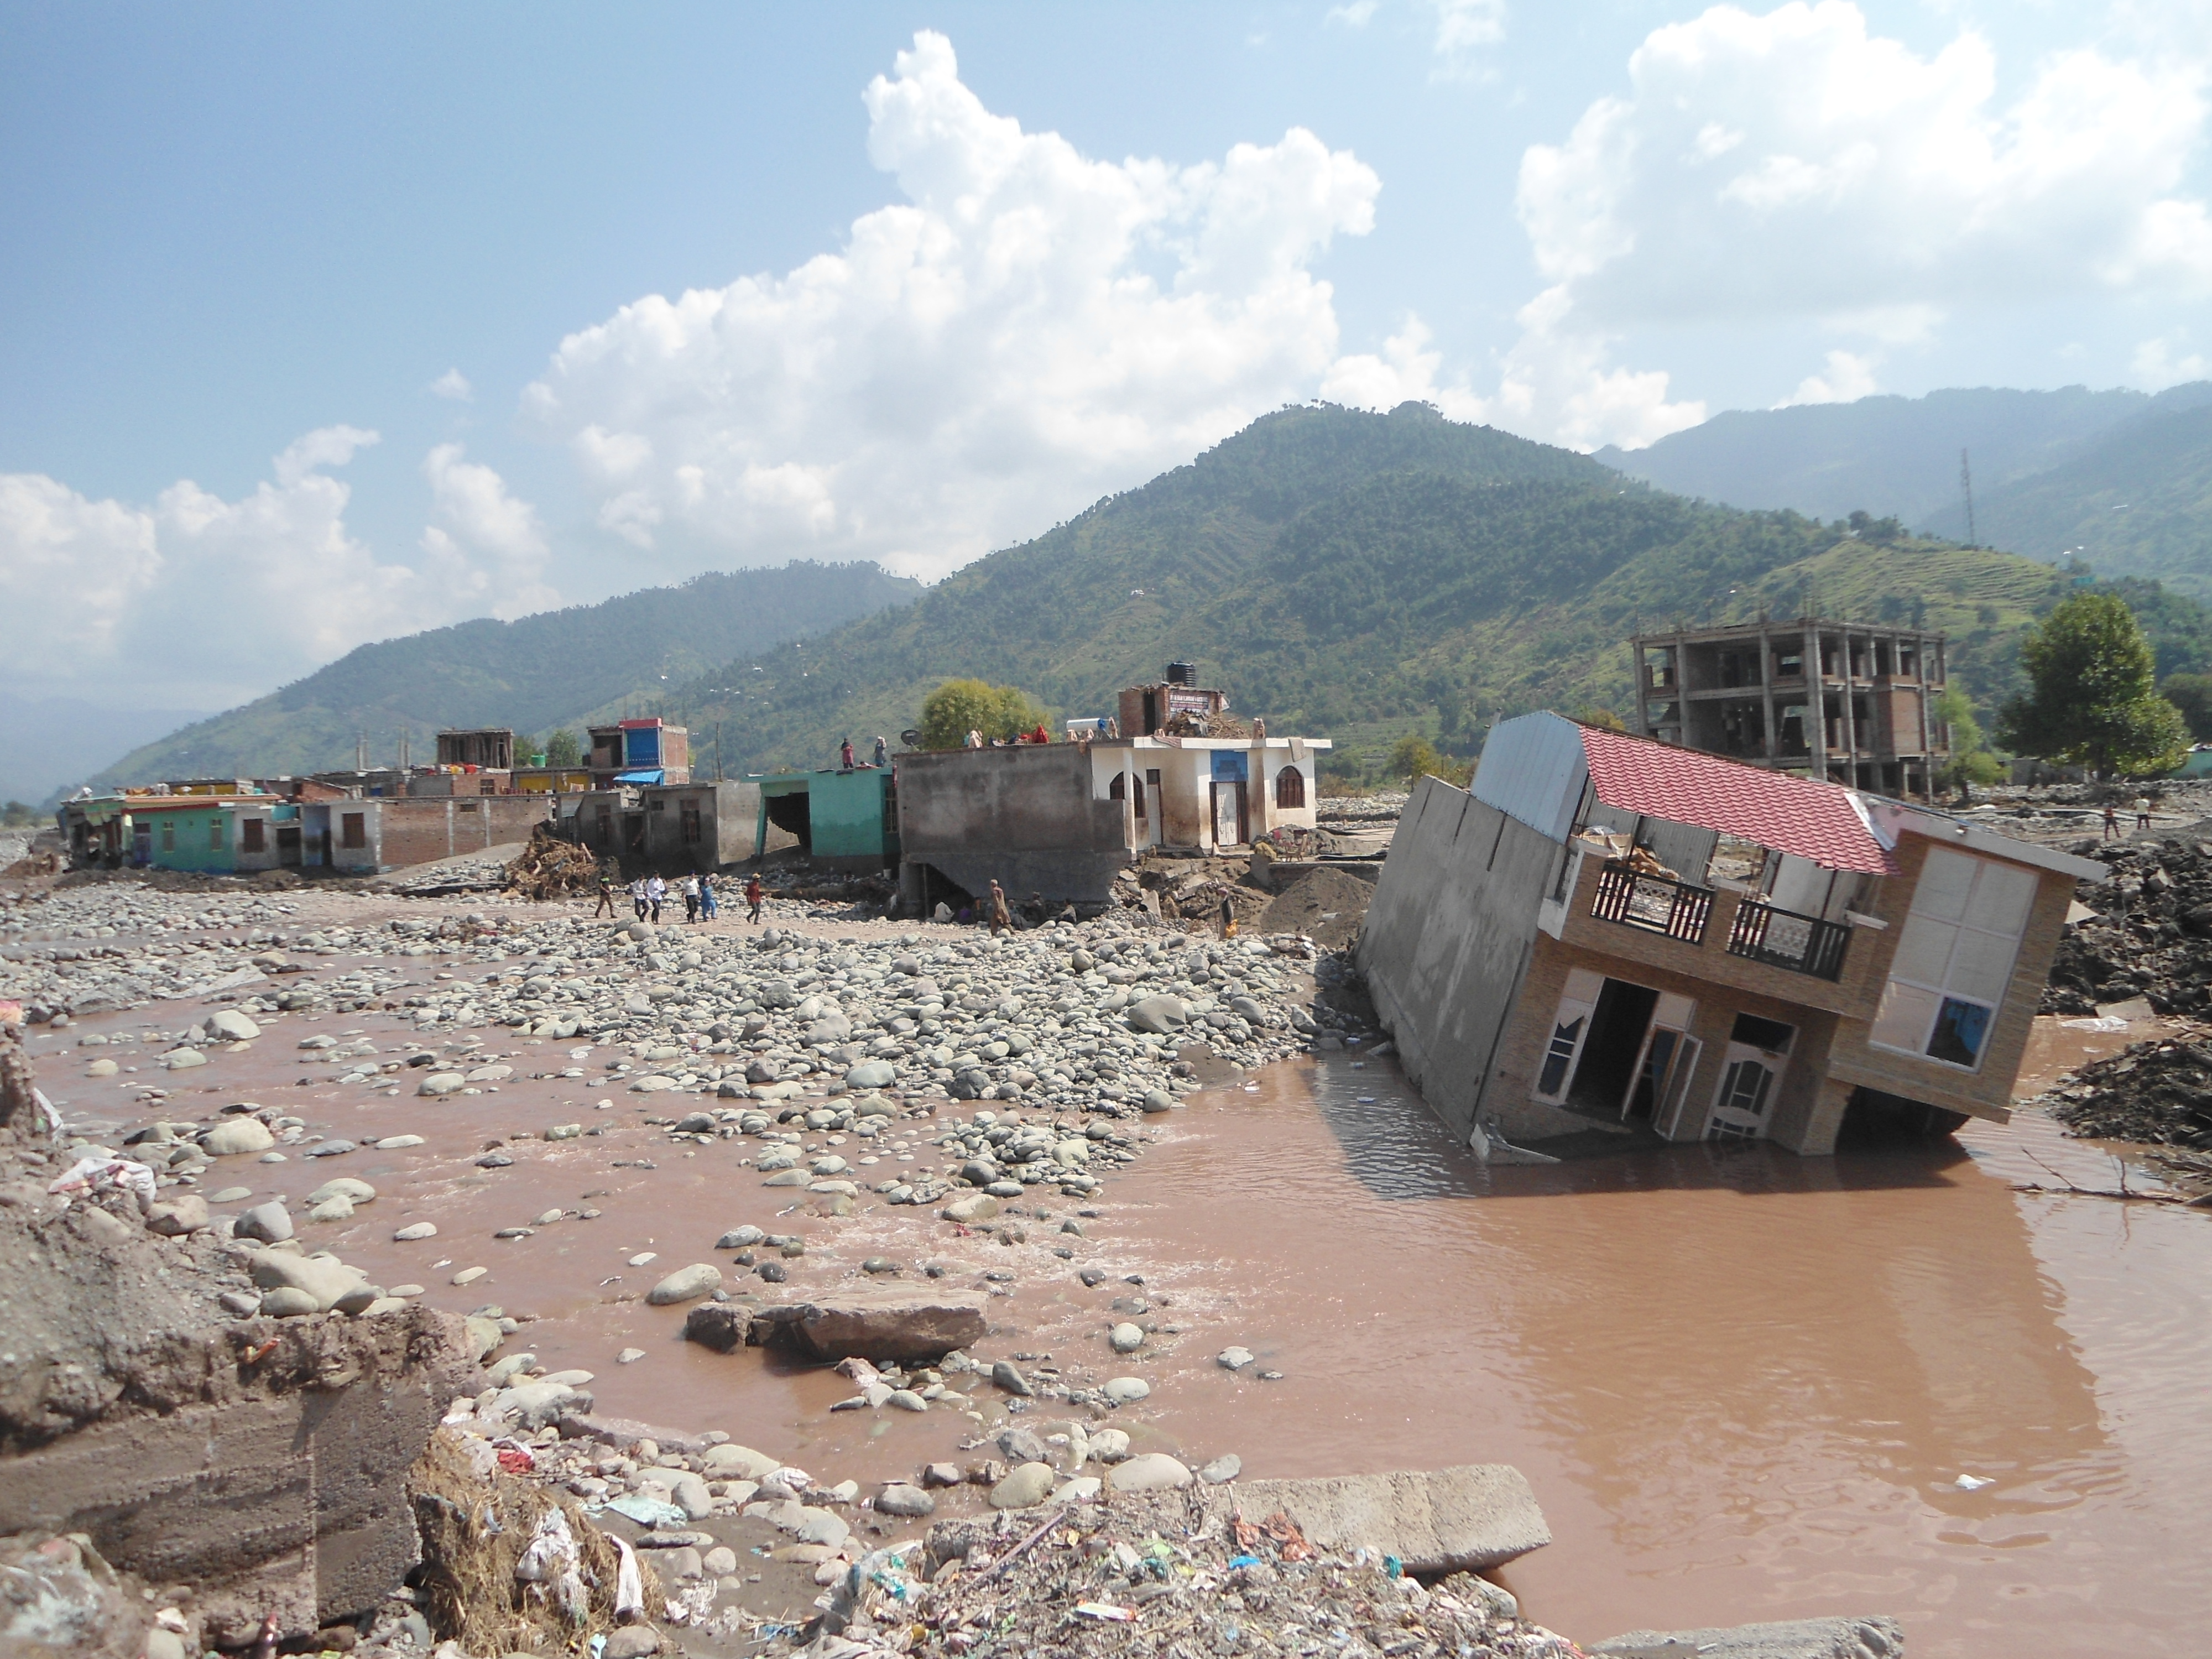 Hus sveptes bort i jordskred i nepal